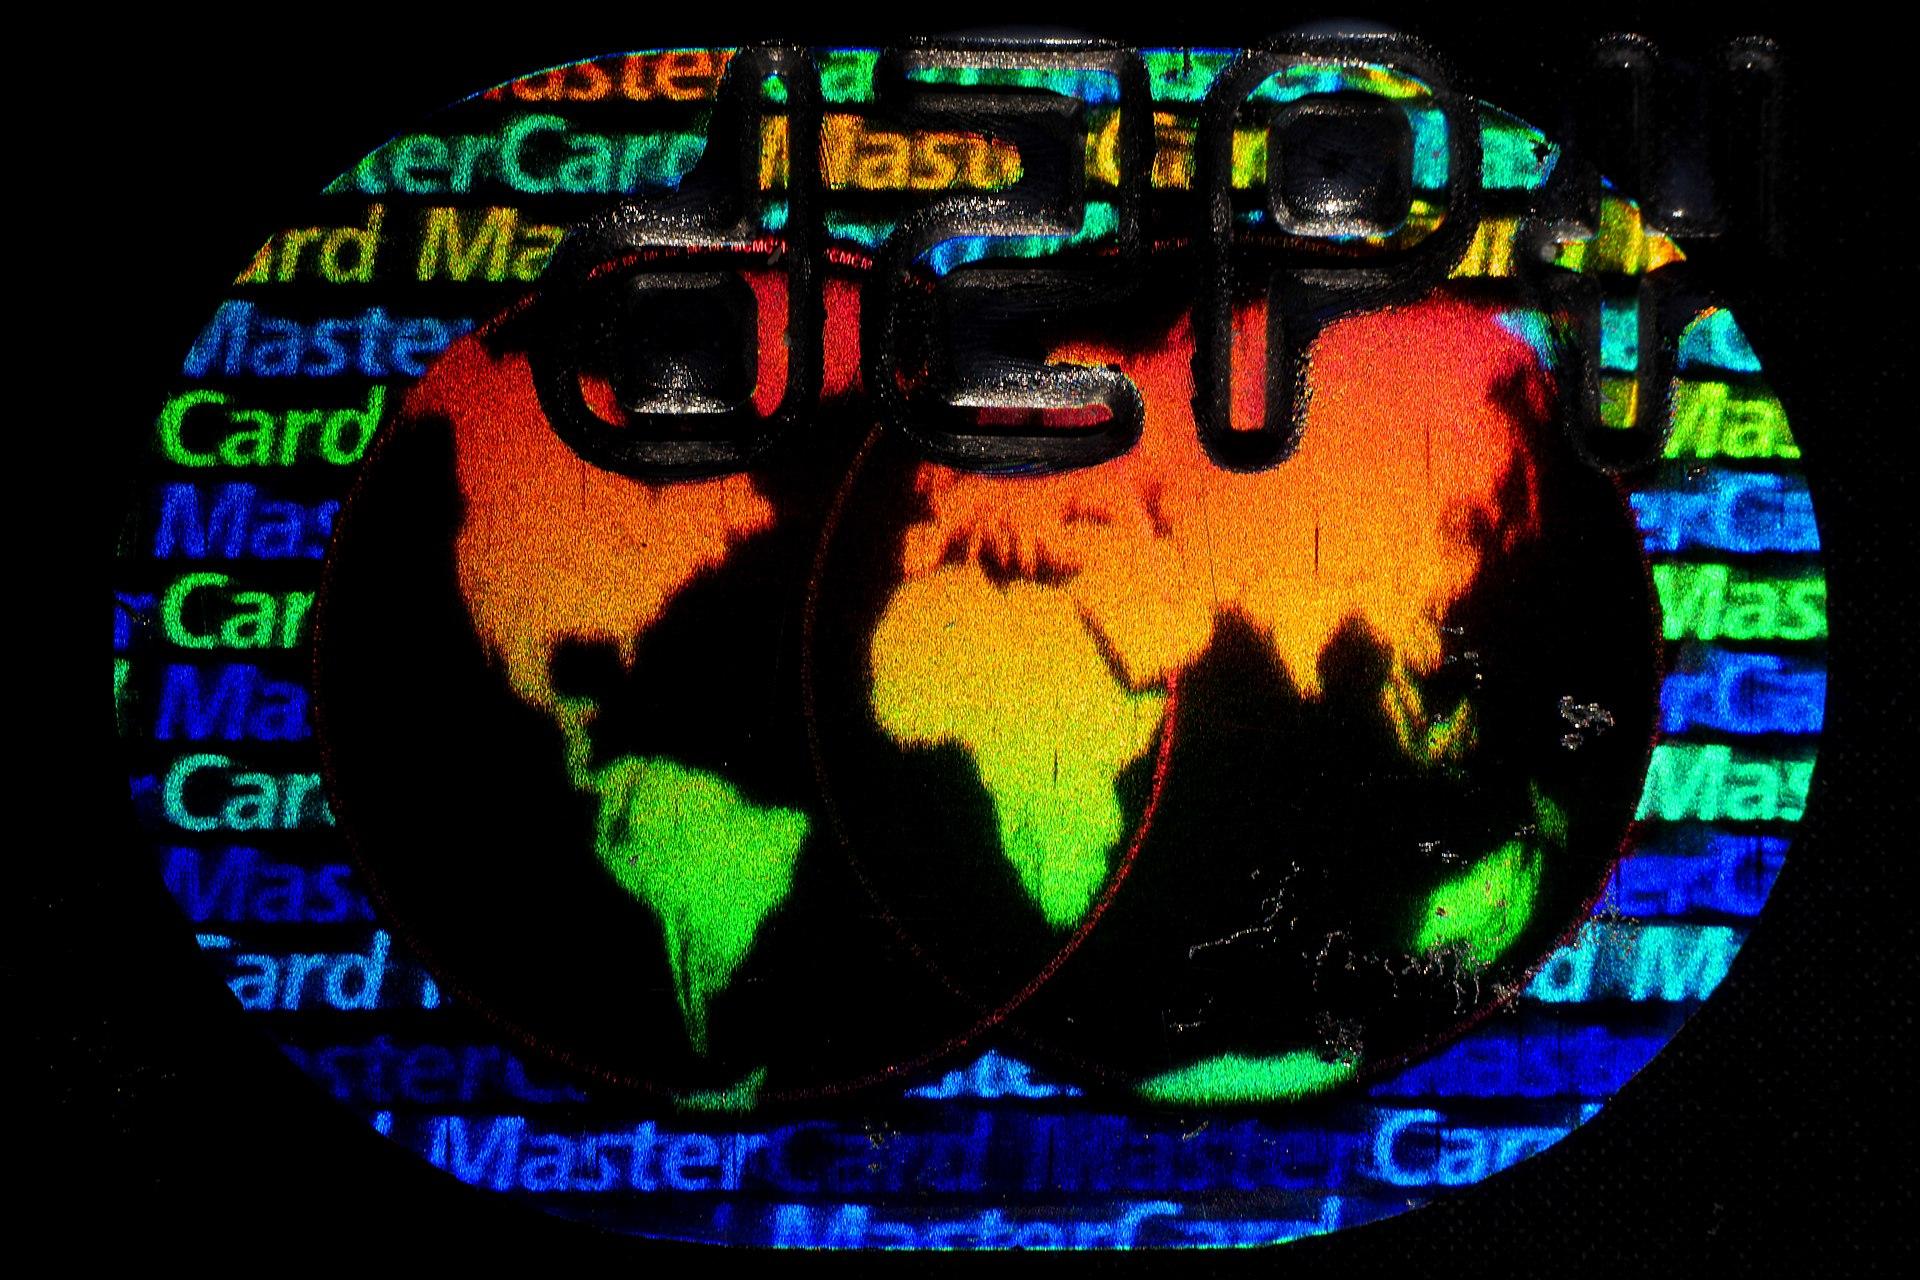 1920px-Hologramm.Mastercard.gerichtet.jpg